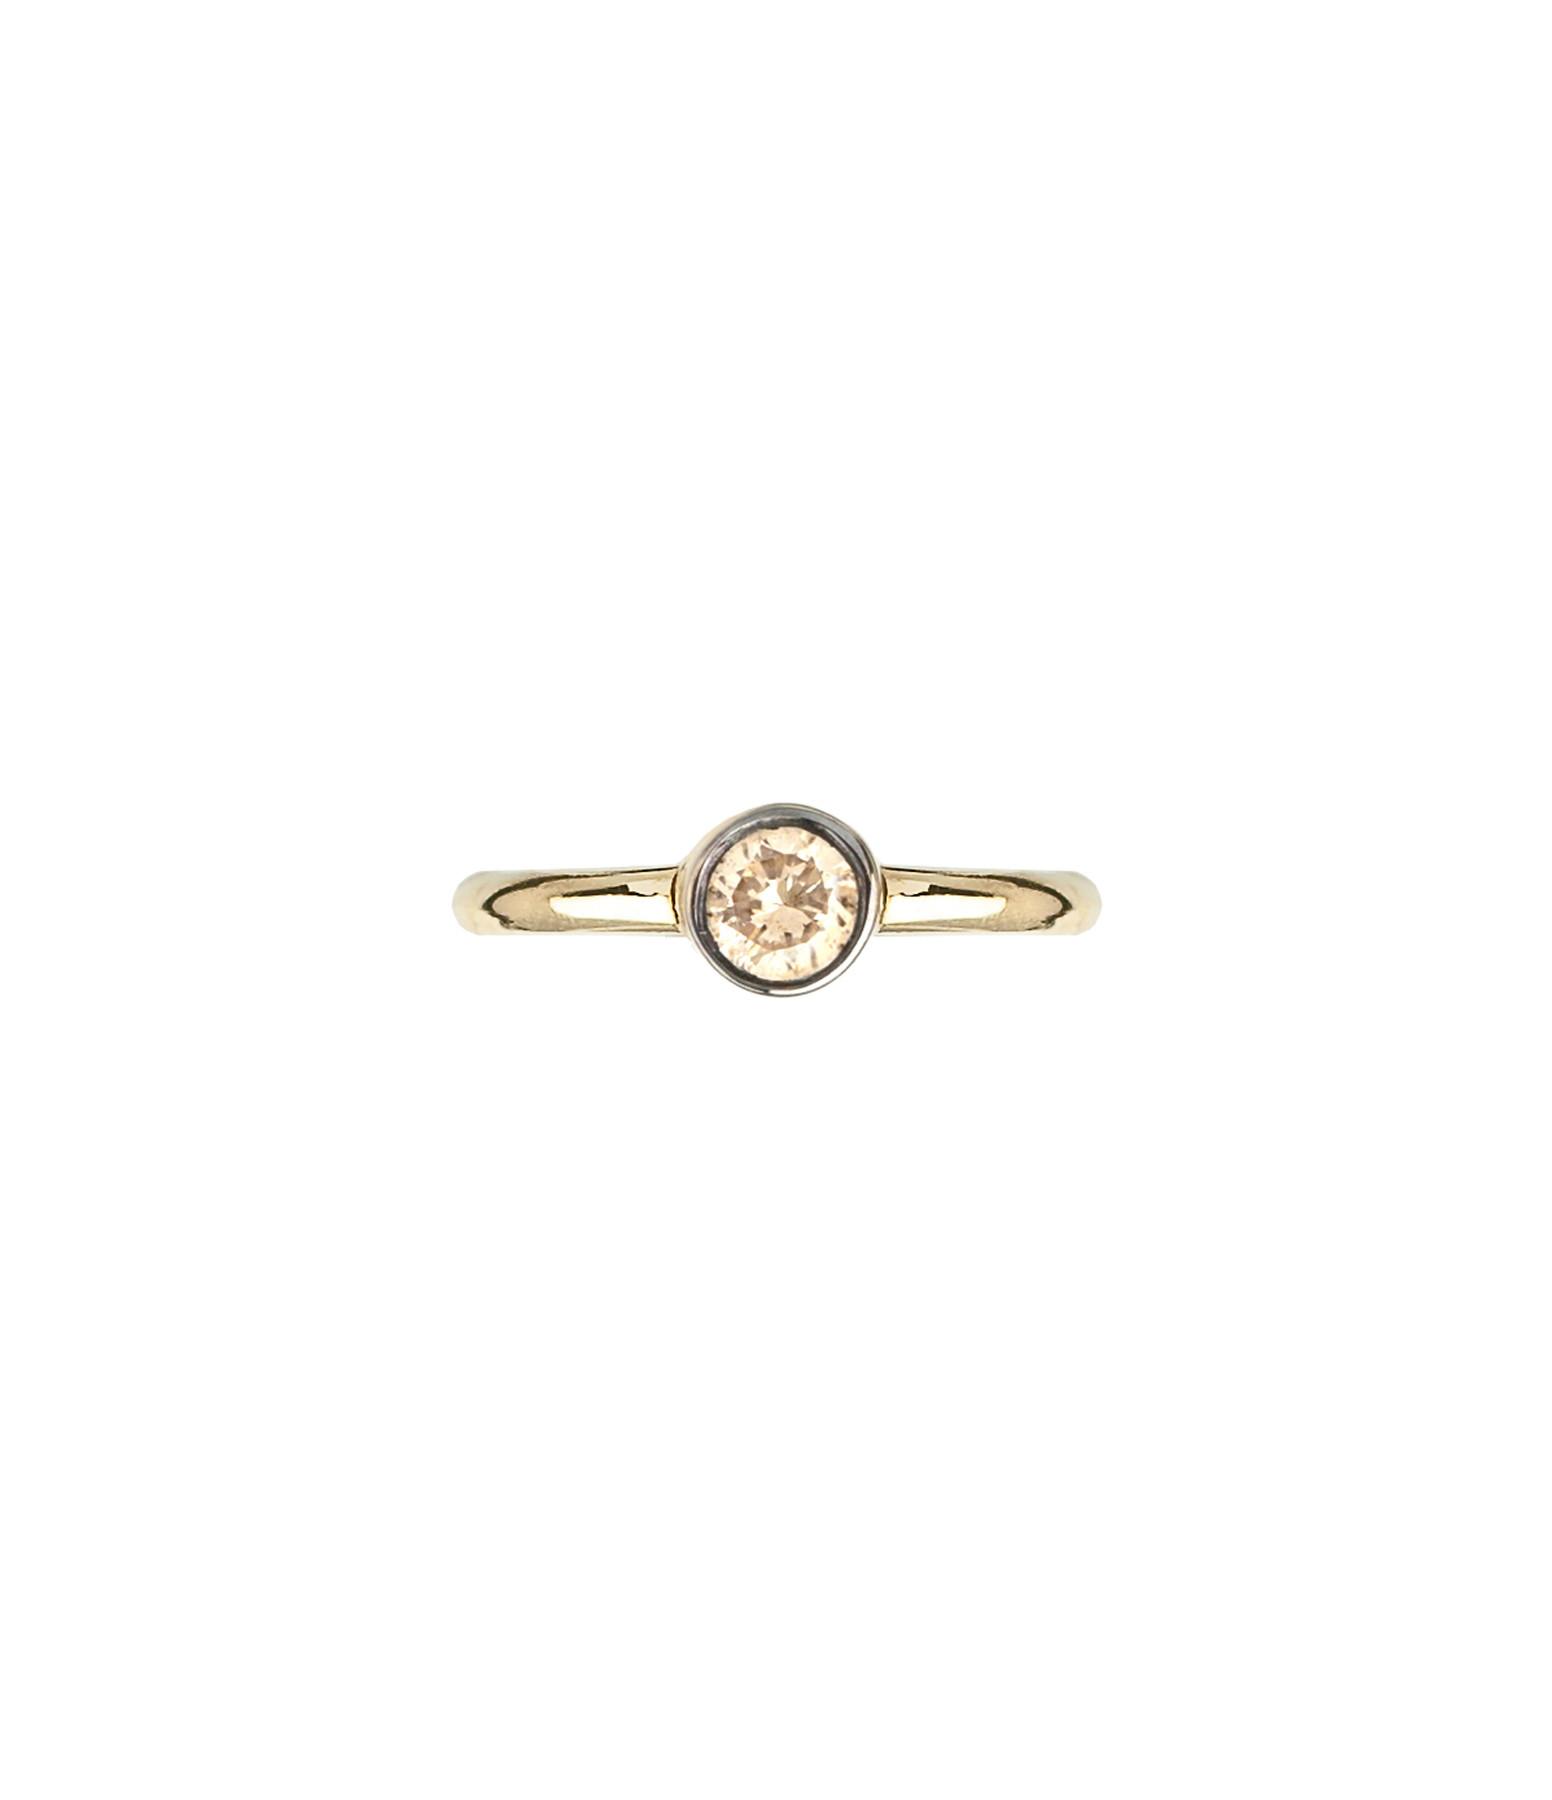 YANNIS SERGAKIS - Petite Créole Or Diamants Bruns (vendue à l'unité)